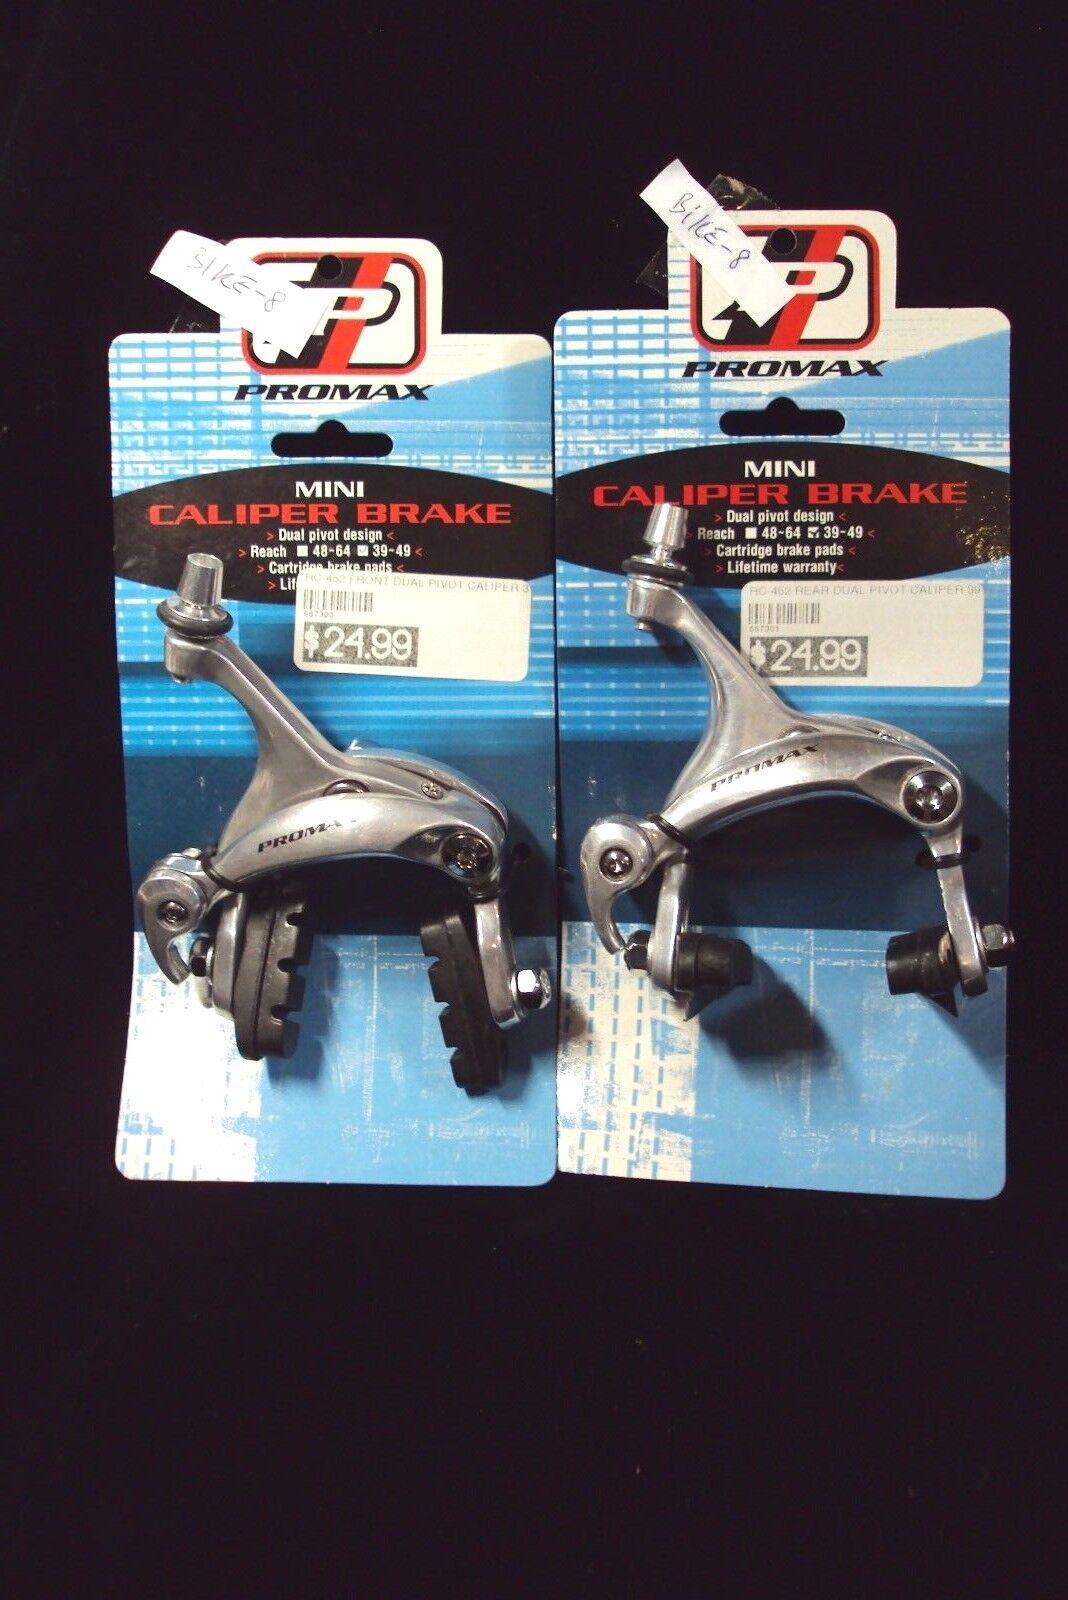 Promax mini Caliper Brake bicycle RC-452 front + rear set dual pivot Reach 39-49